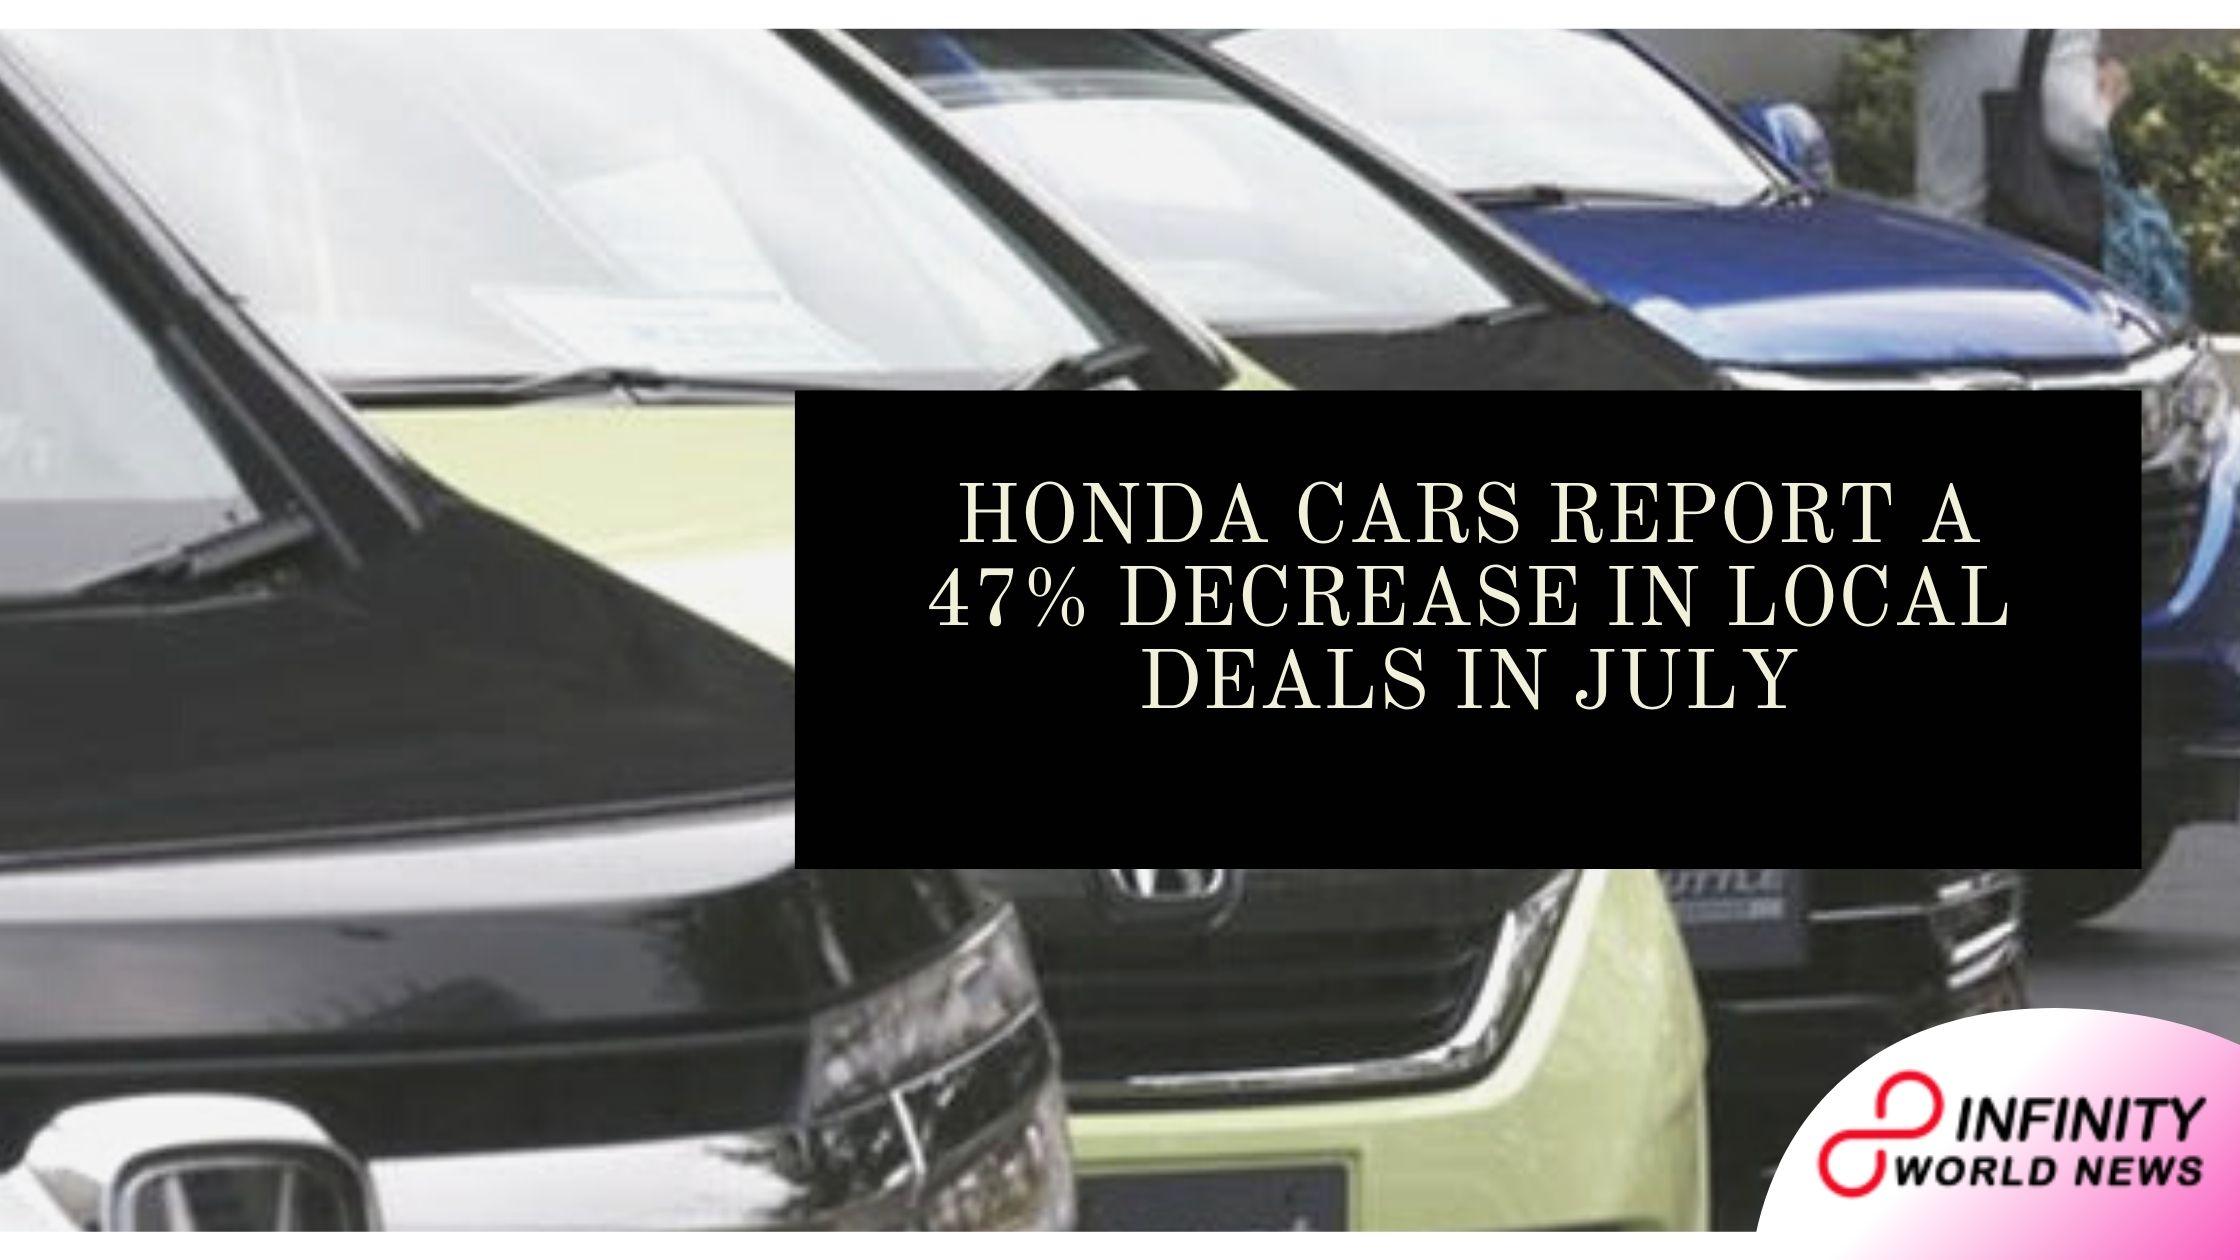 Honda Cars report a 47% decrease in local deals in July